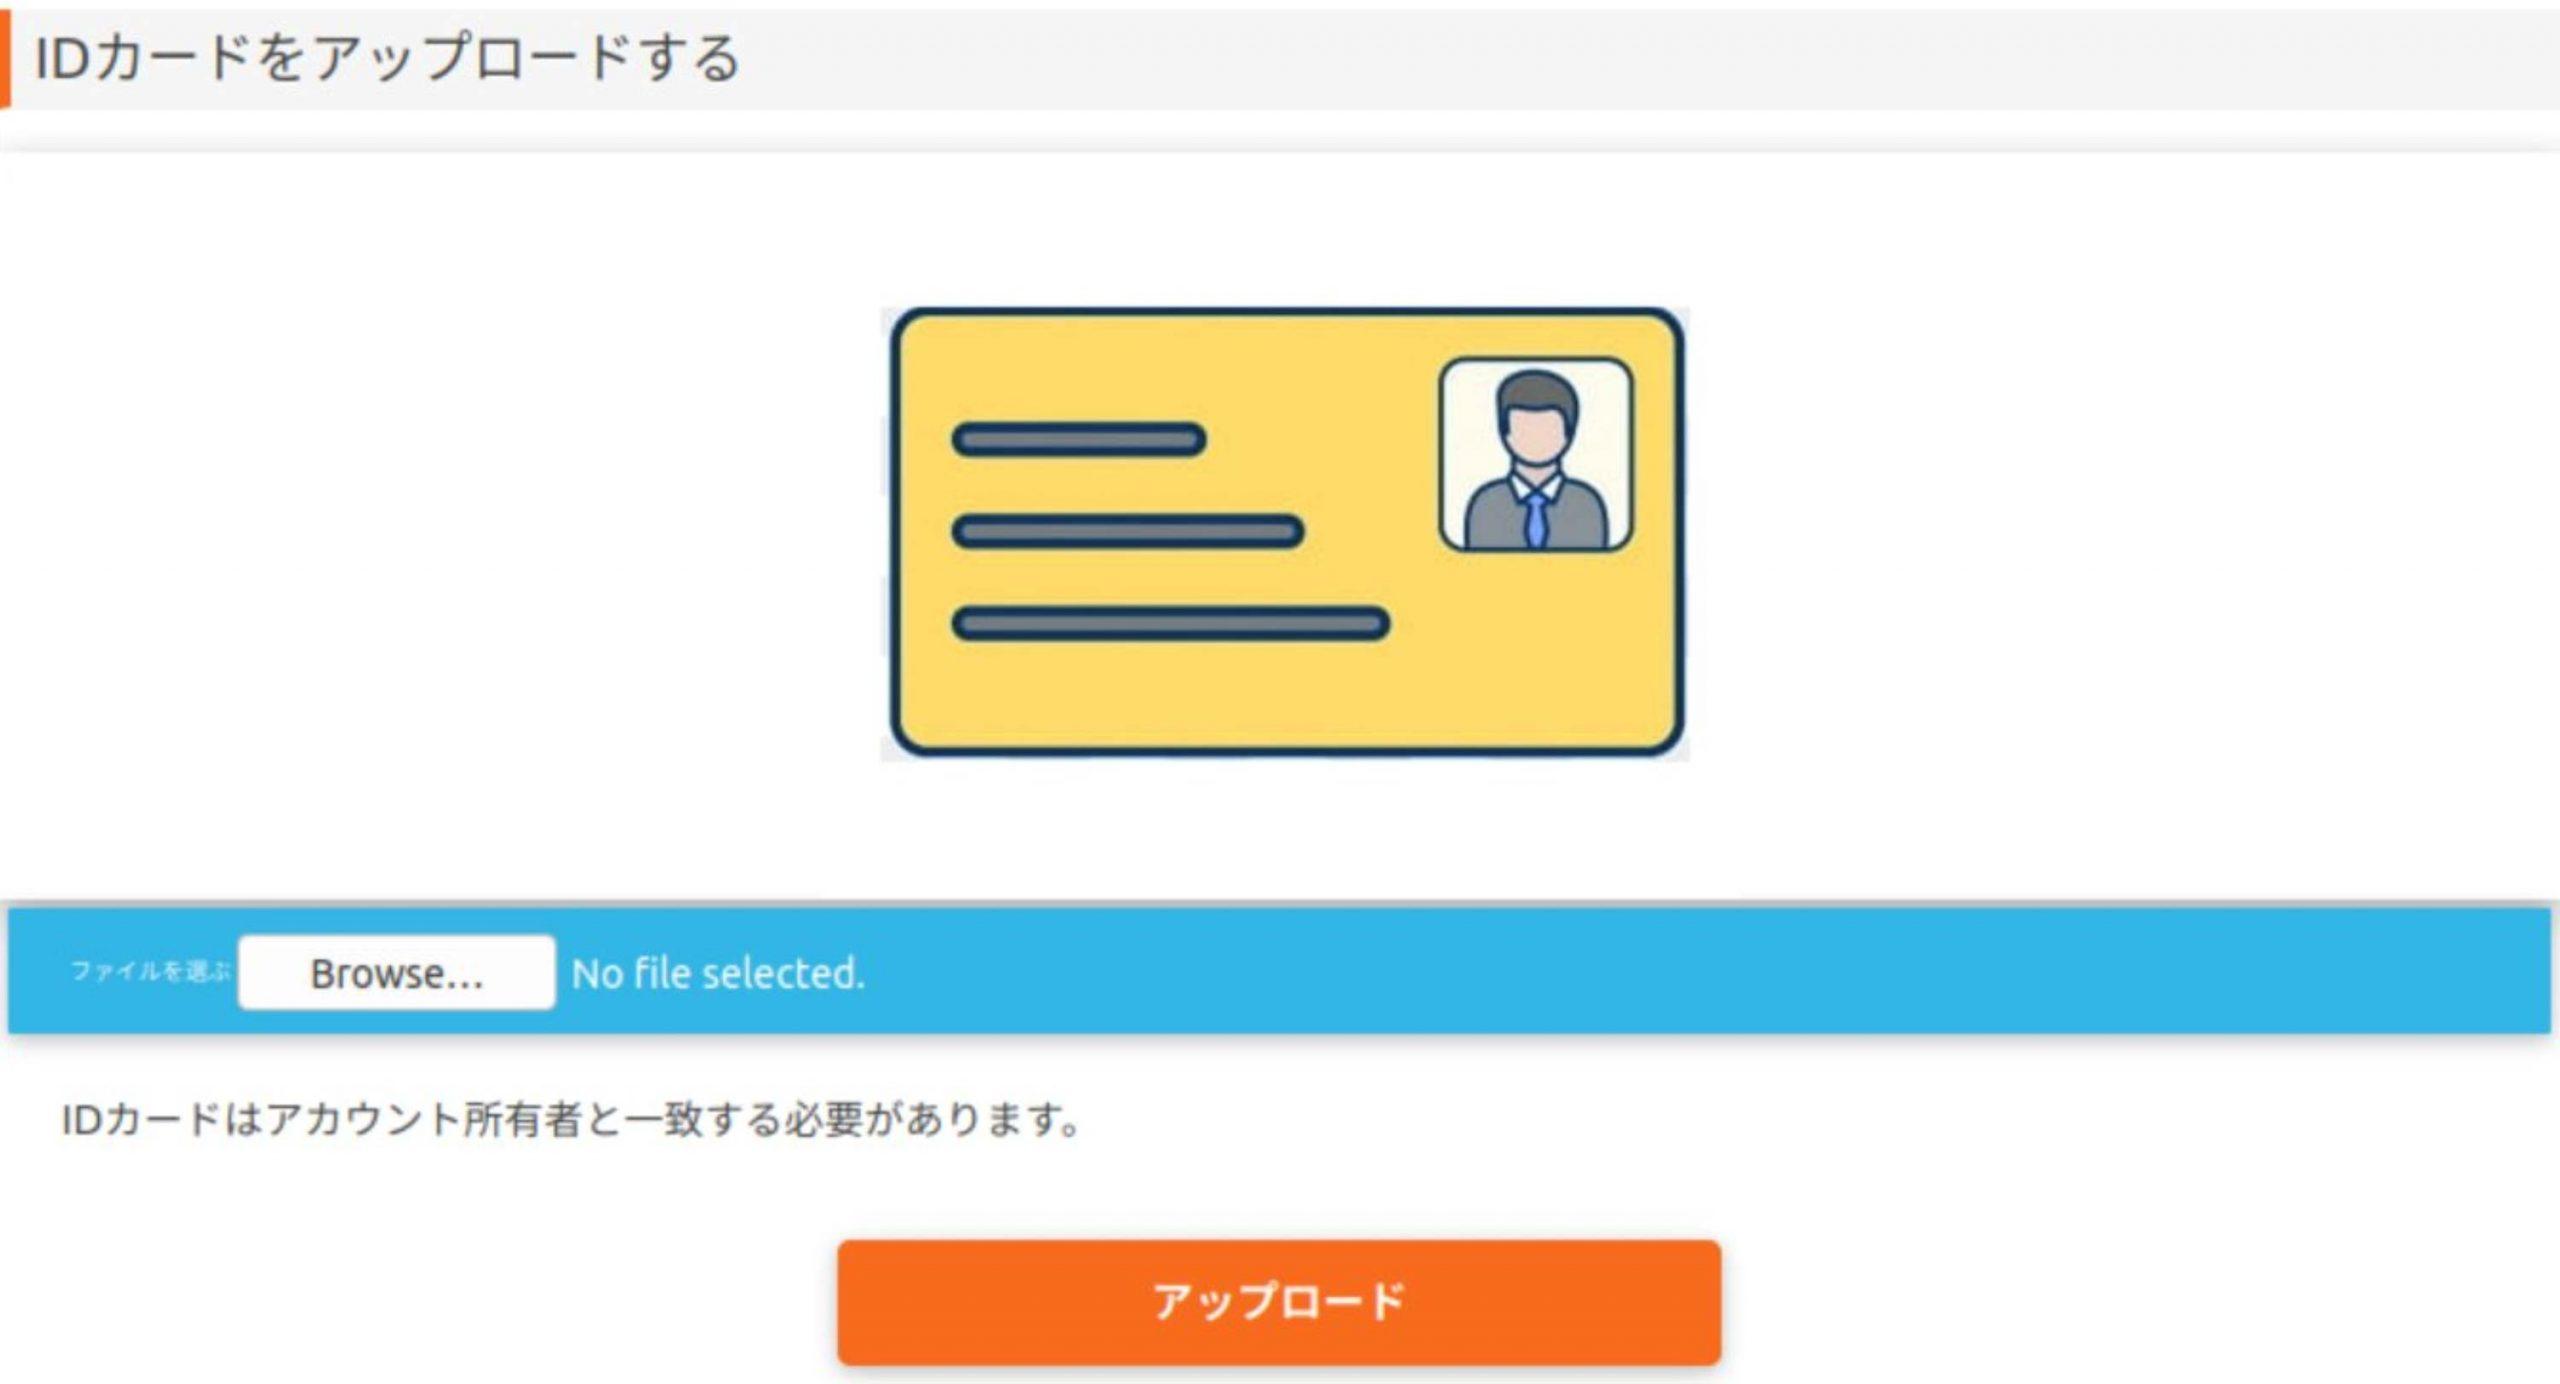 図2:IDカードのアップロードが新たに機能追加されたフィッシングサイト